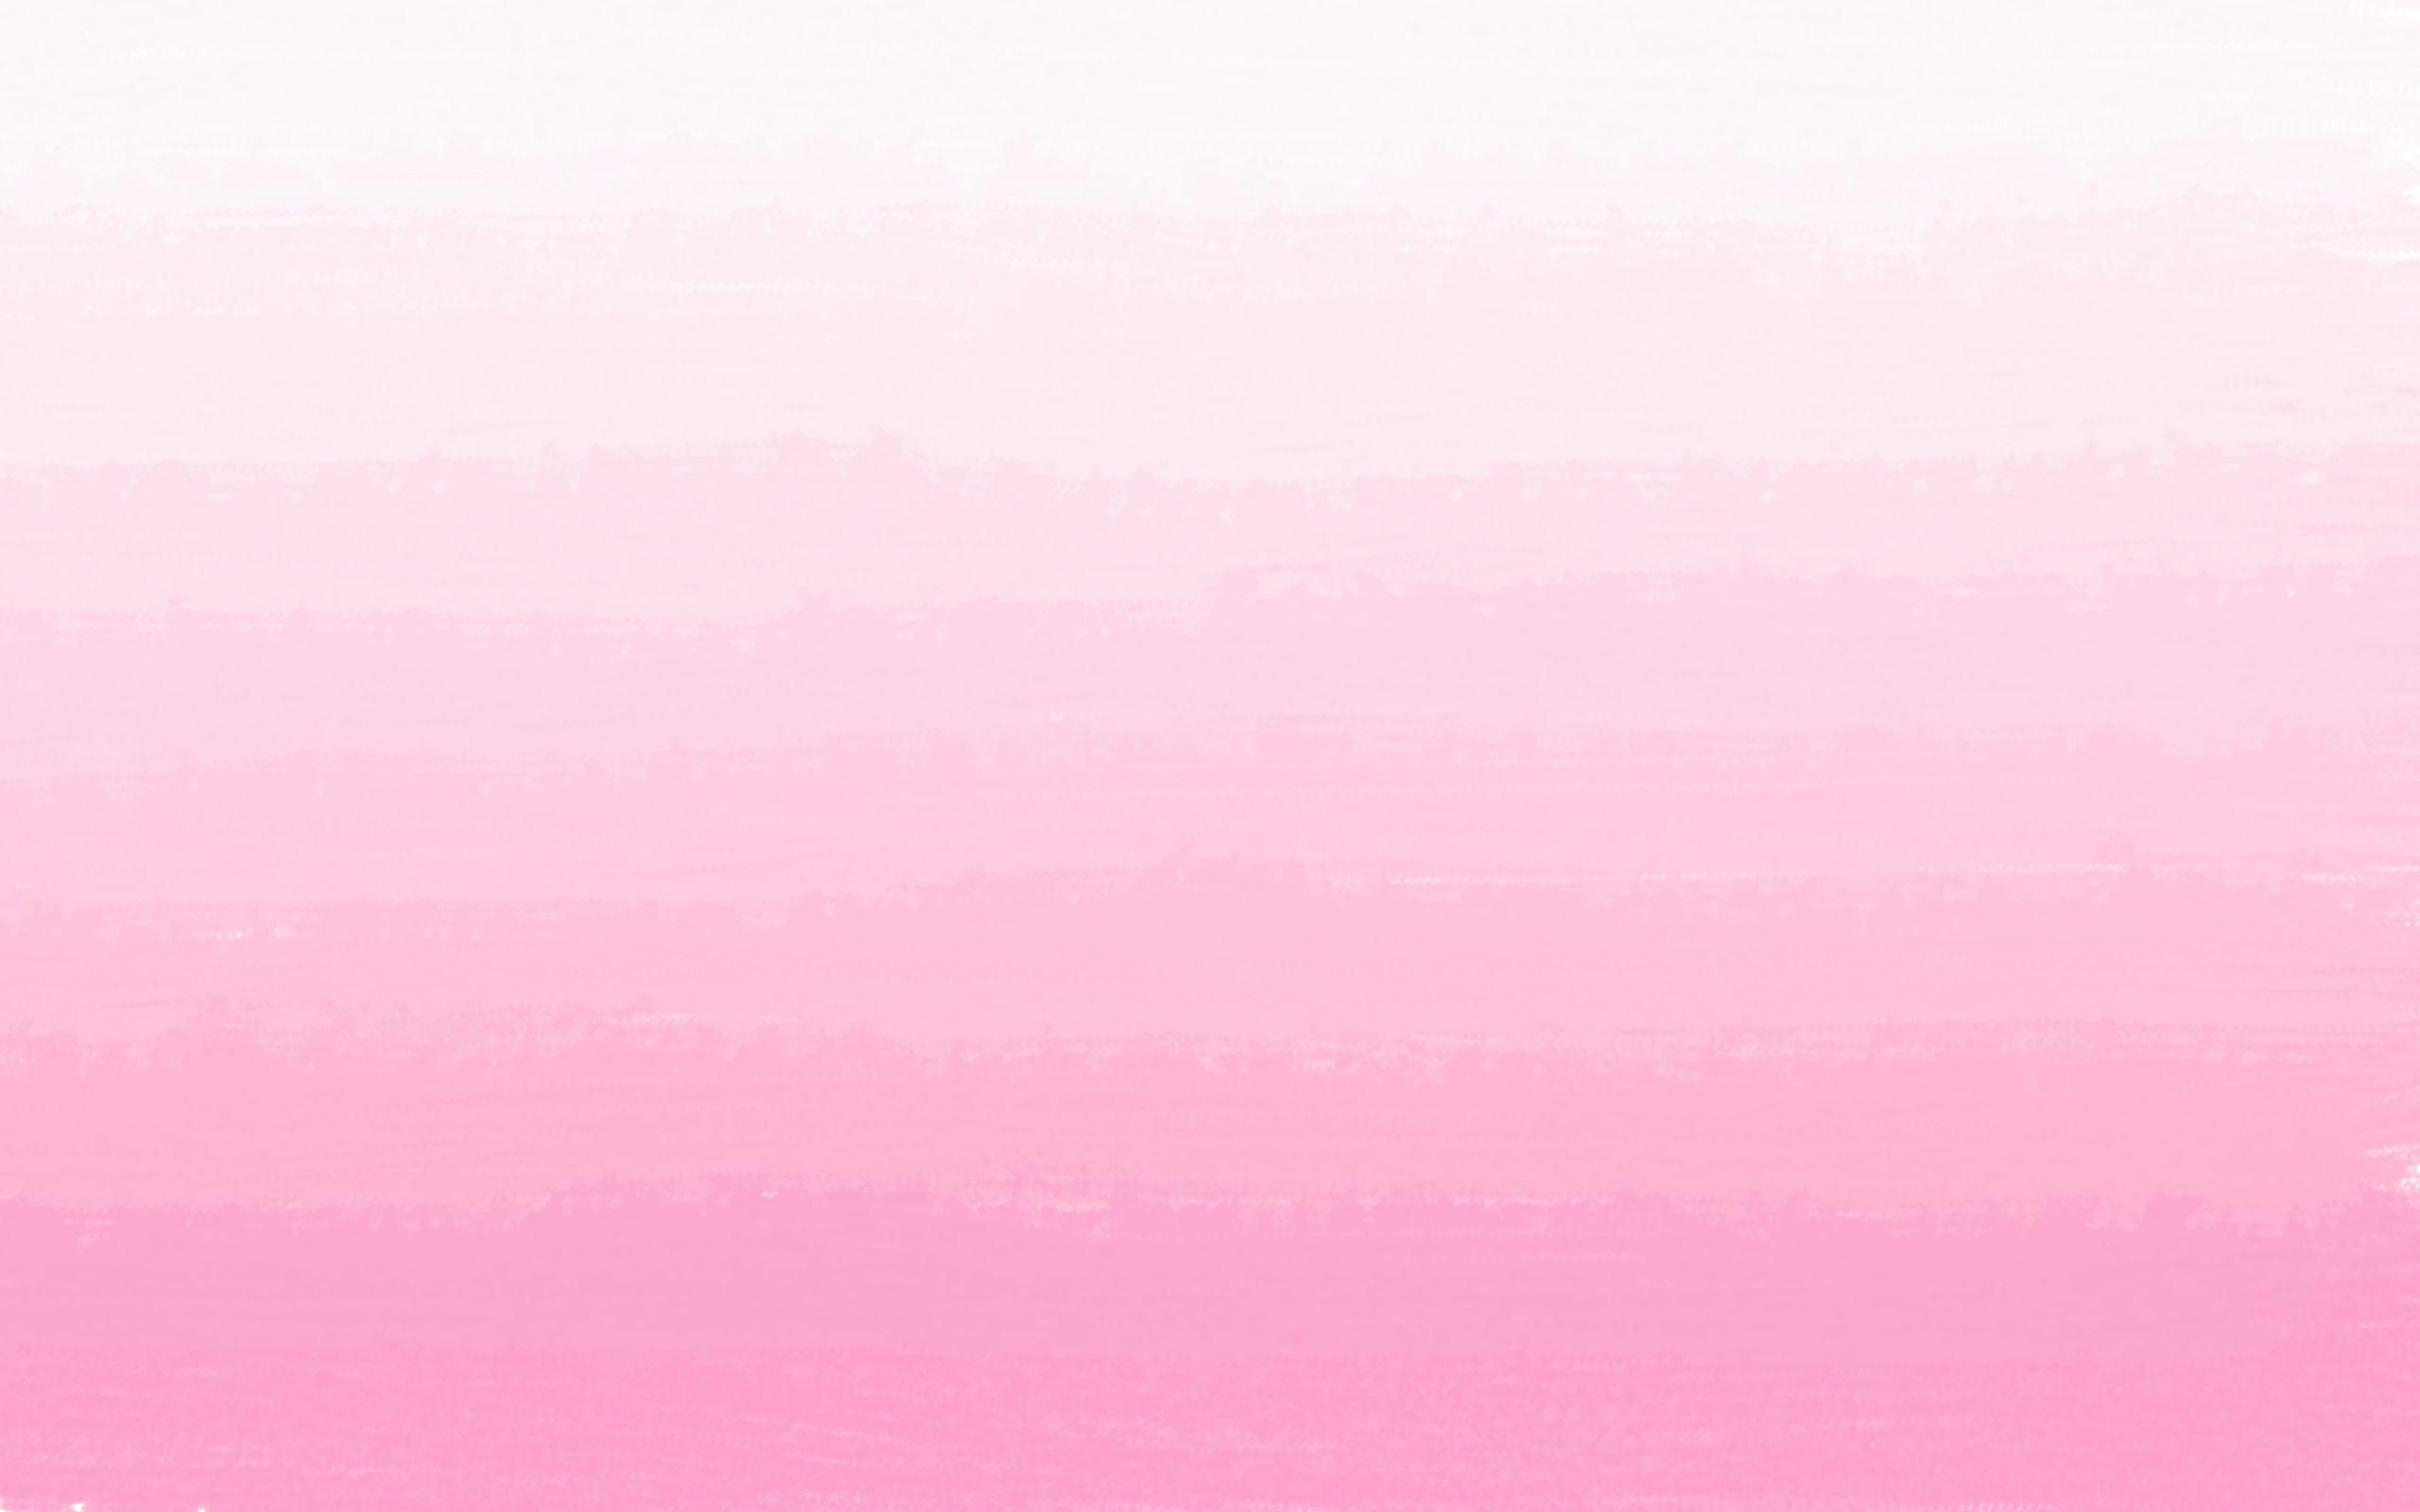 Fondos De Pantalla Rosa Fondosmil